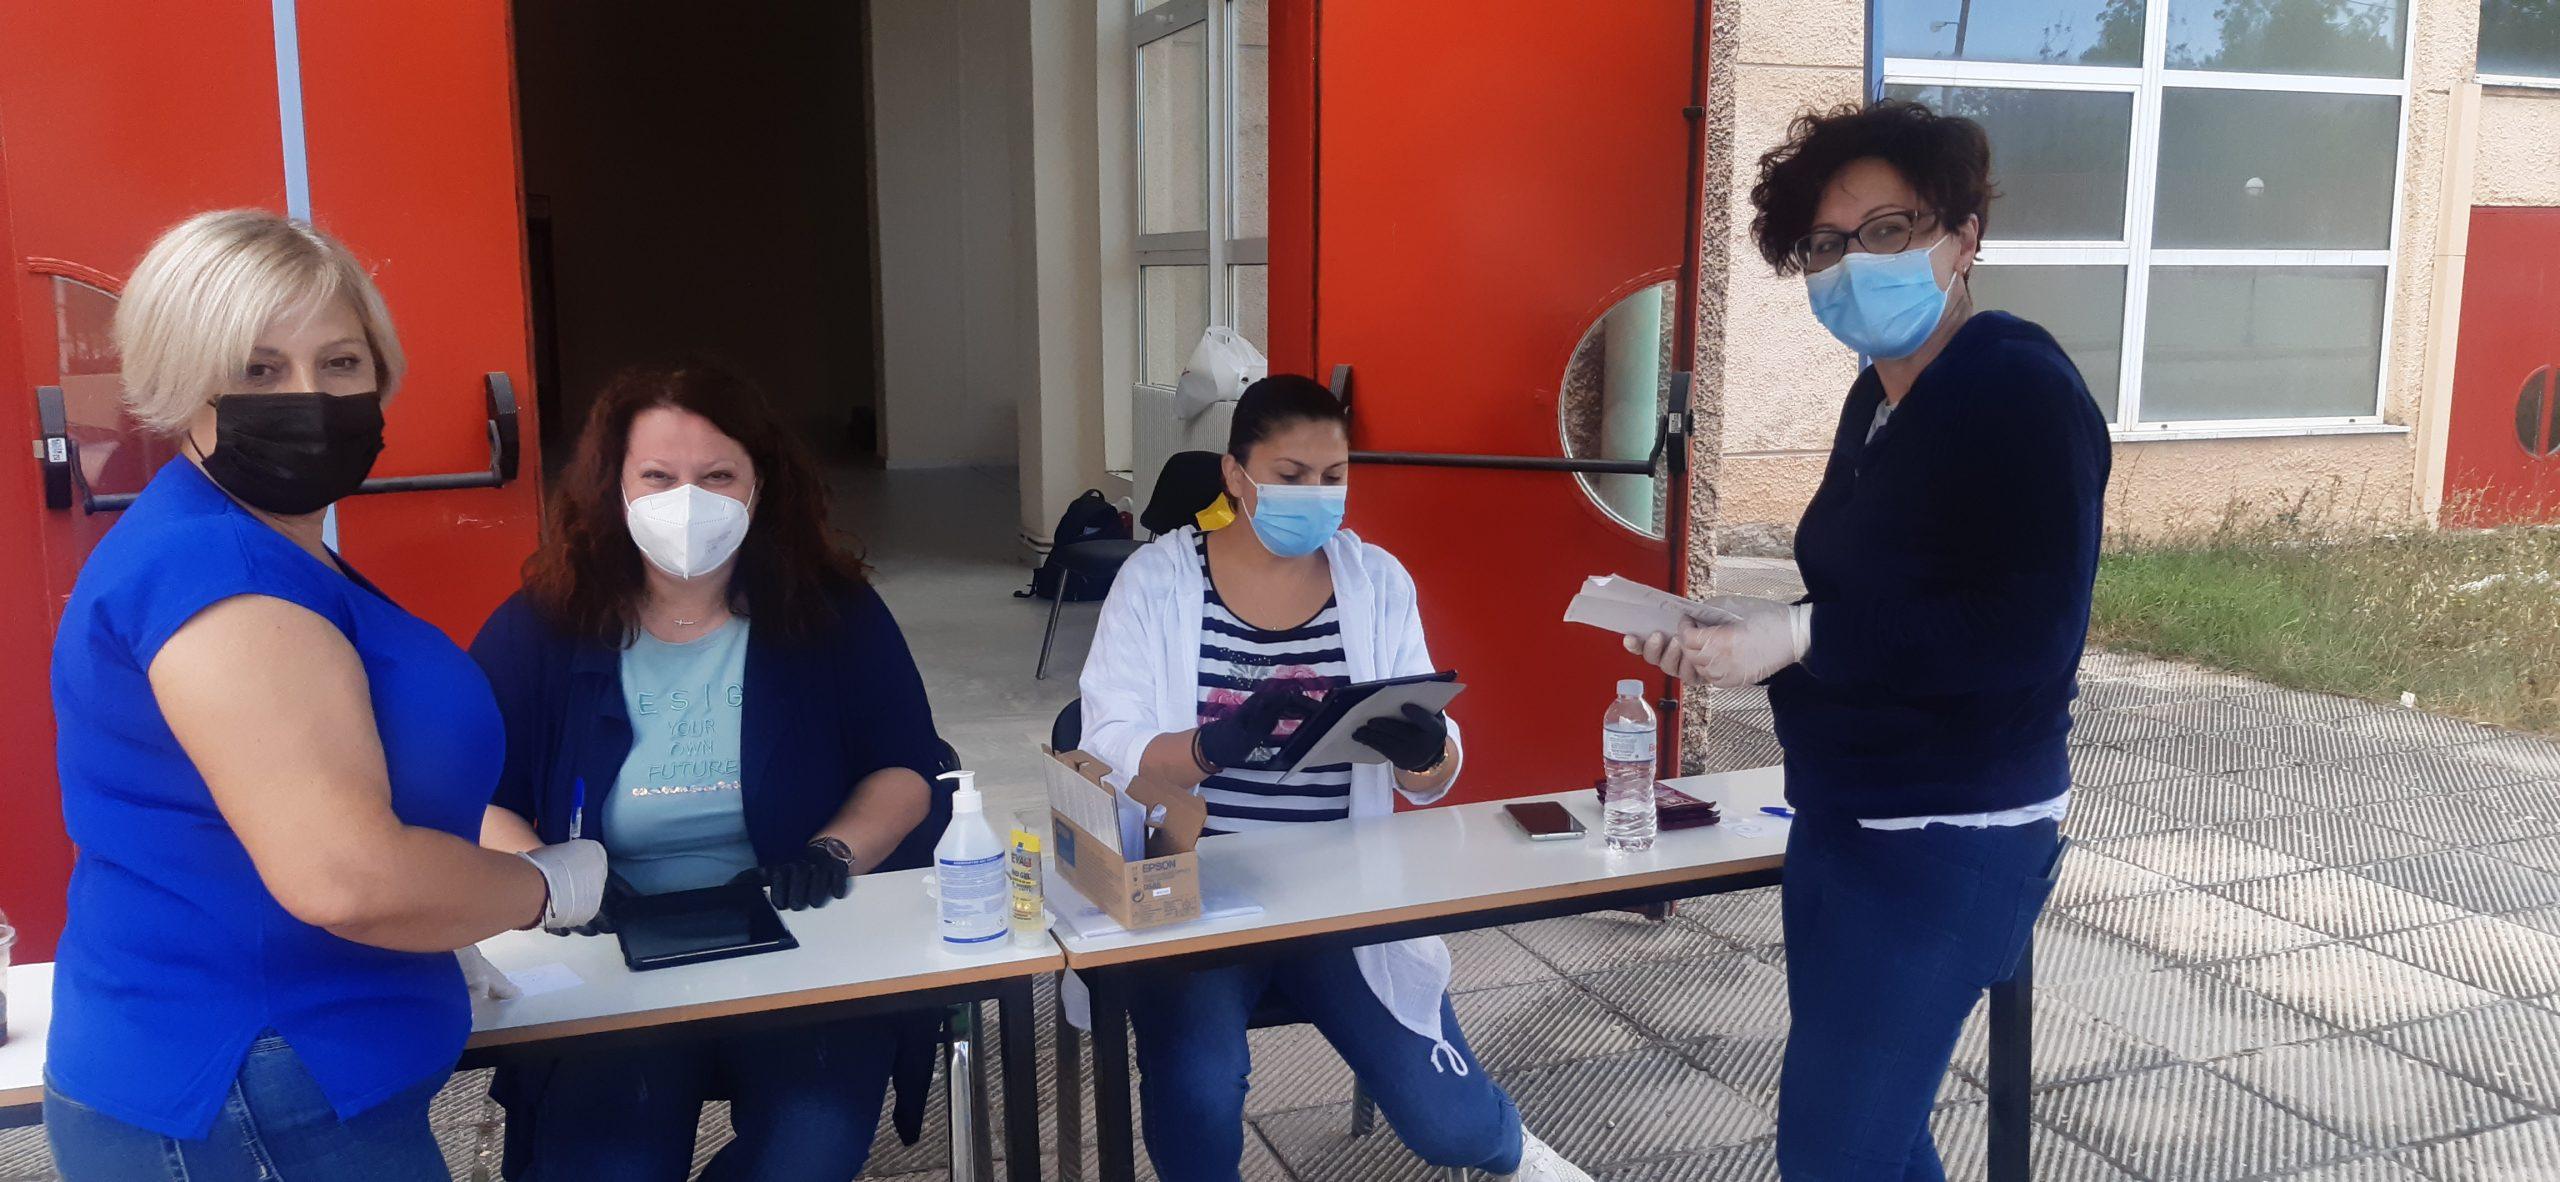 Κοινωφελής Επιχείρηση Δήμου Κοζάνης: Διανεμήθηκαν τα είδη πρώτης ανάγκης στους Δικαιούχους ΤΕΒΑ